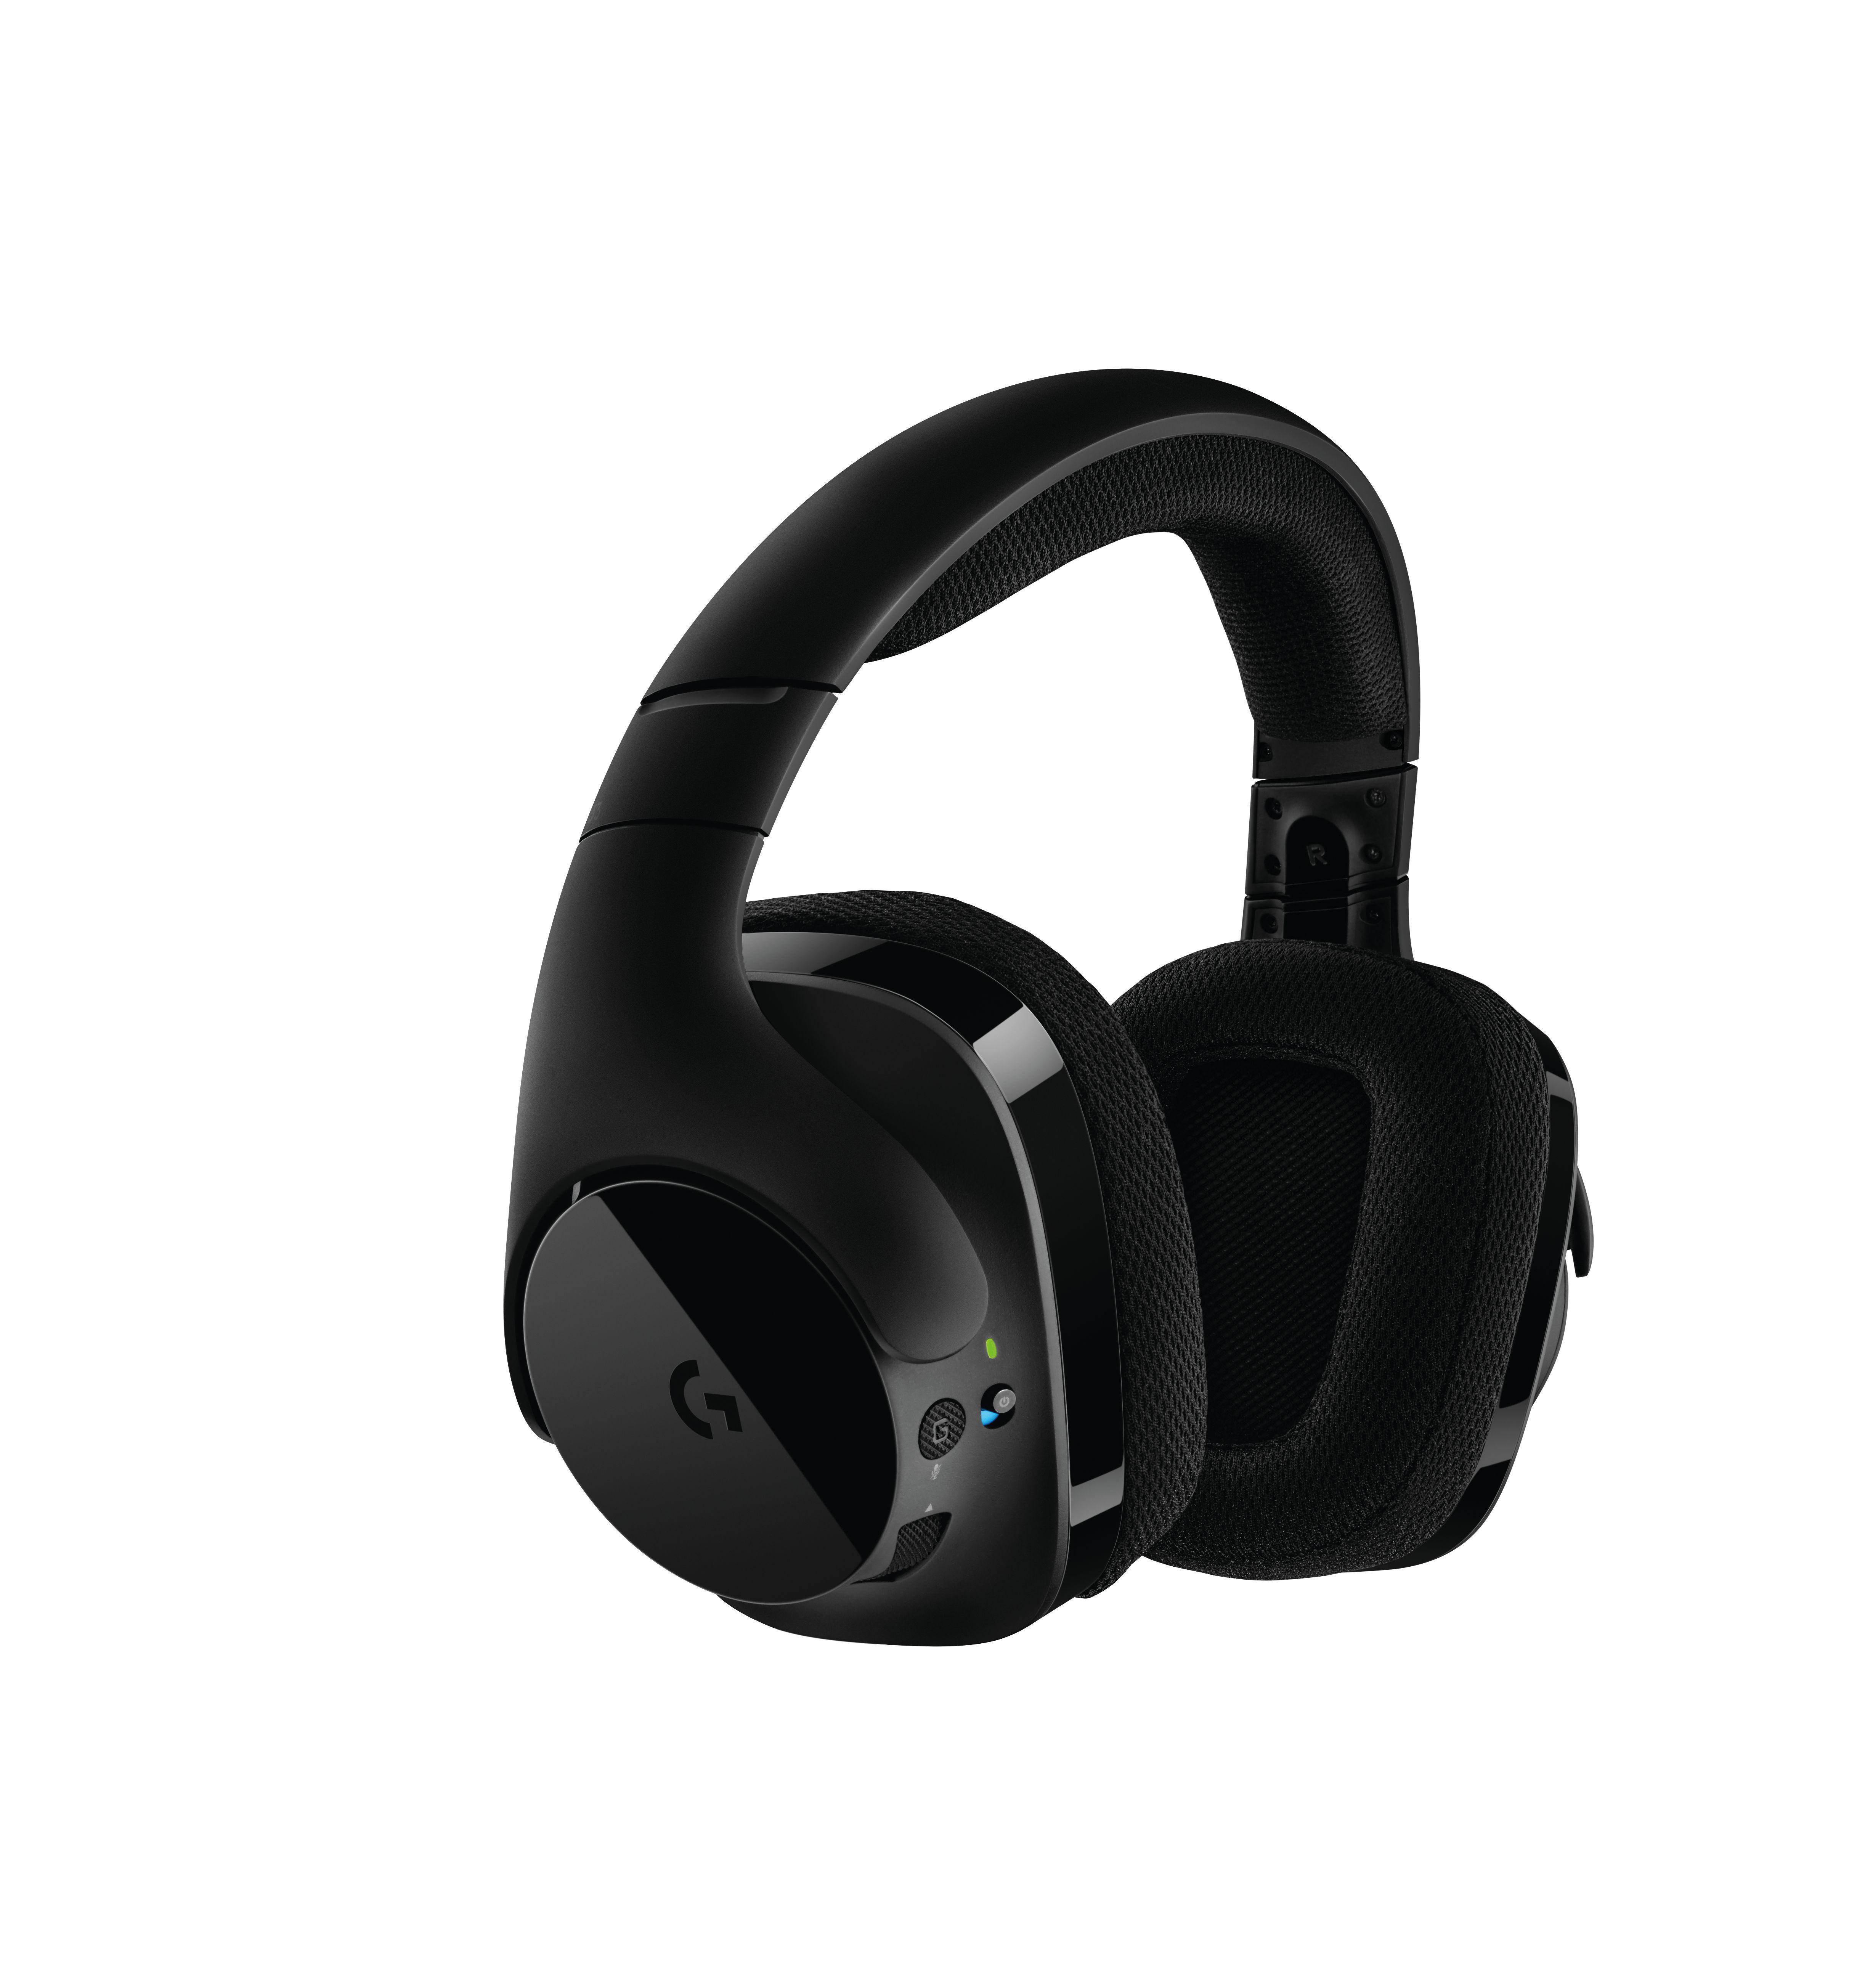 Billede af Logitech G533 Trådløs Gaming Headset